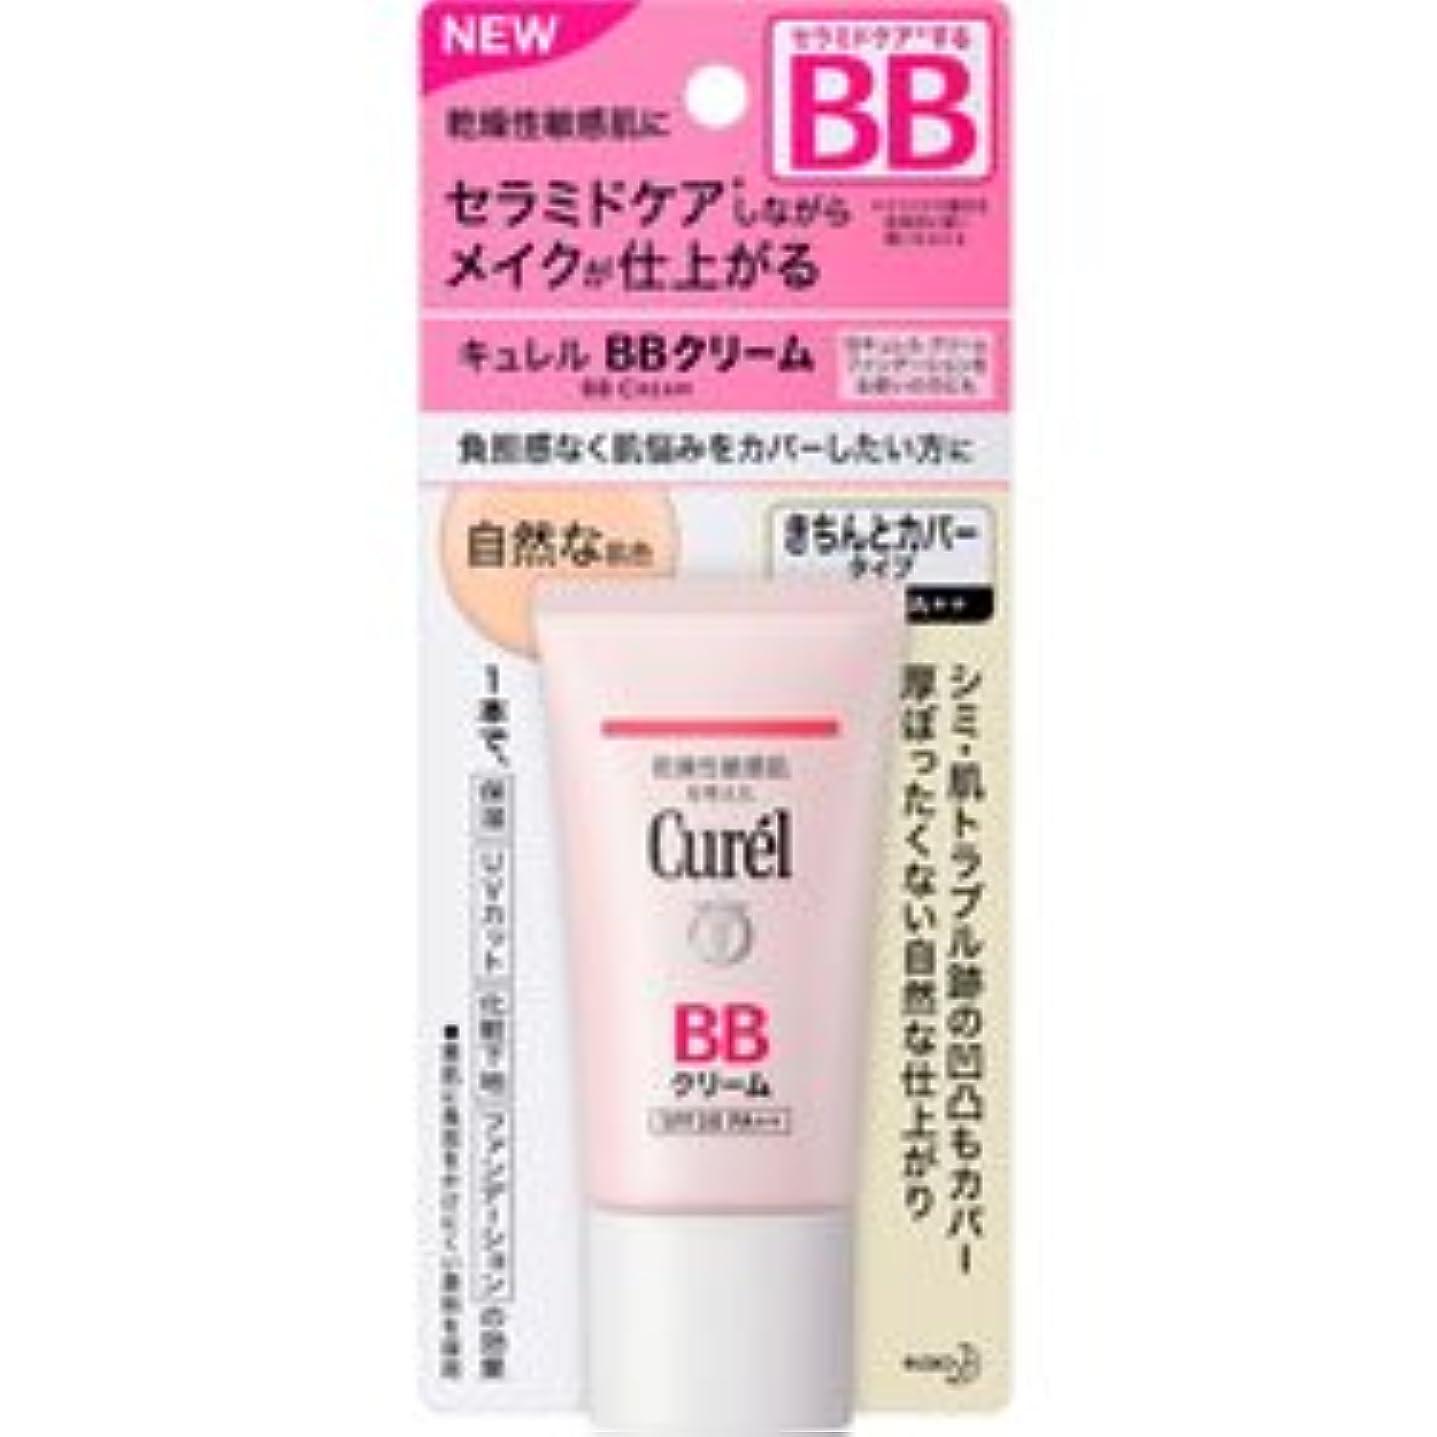 加害者ガス反乱【花王】キュレル BBクリーム 自然な肌色 35g ×20個セット